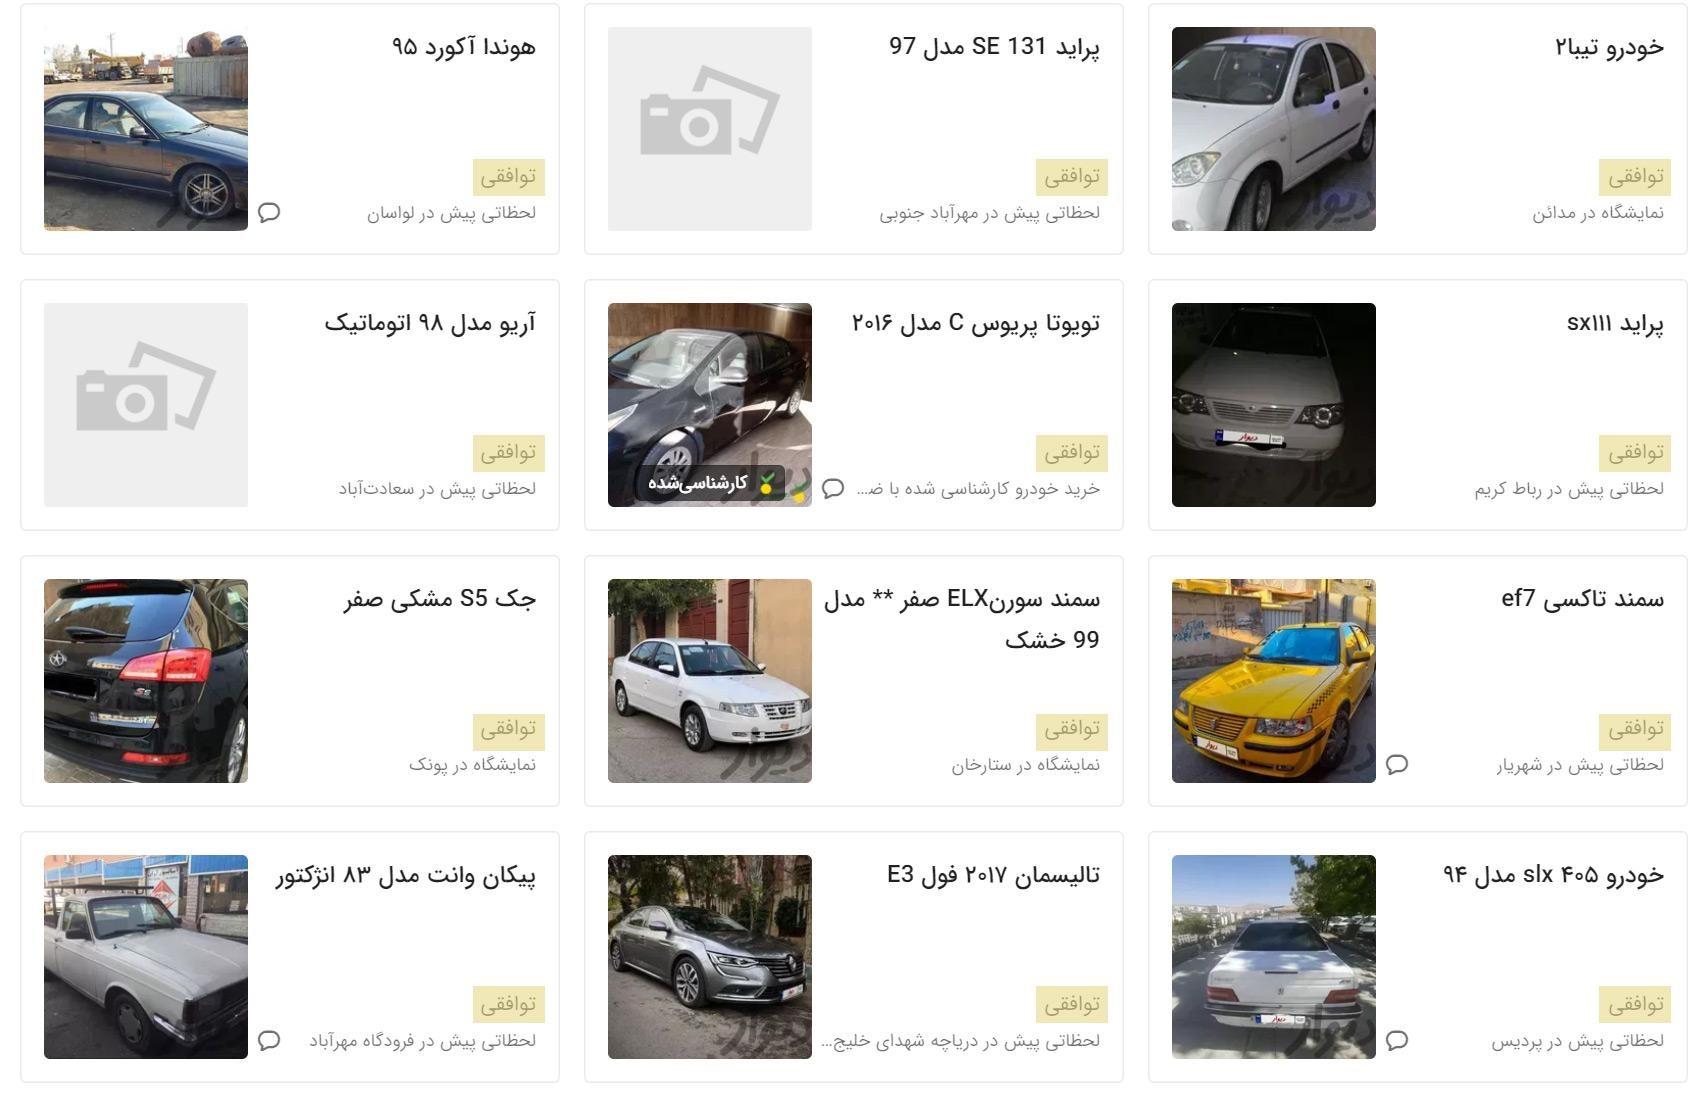 درج قیمت در سایت های خرید و فروش